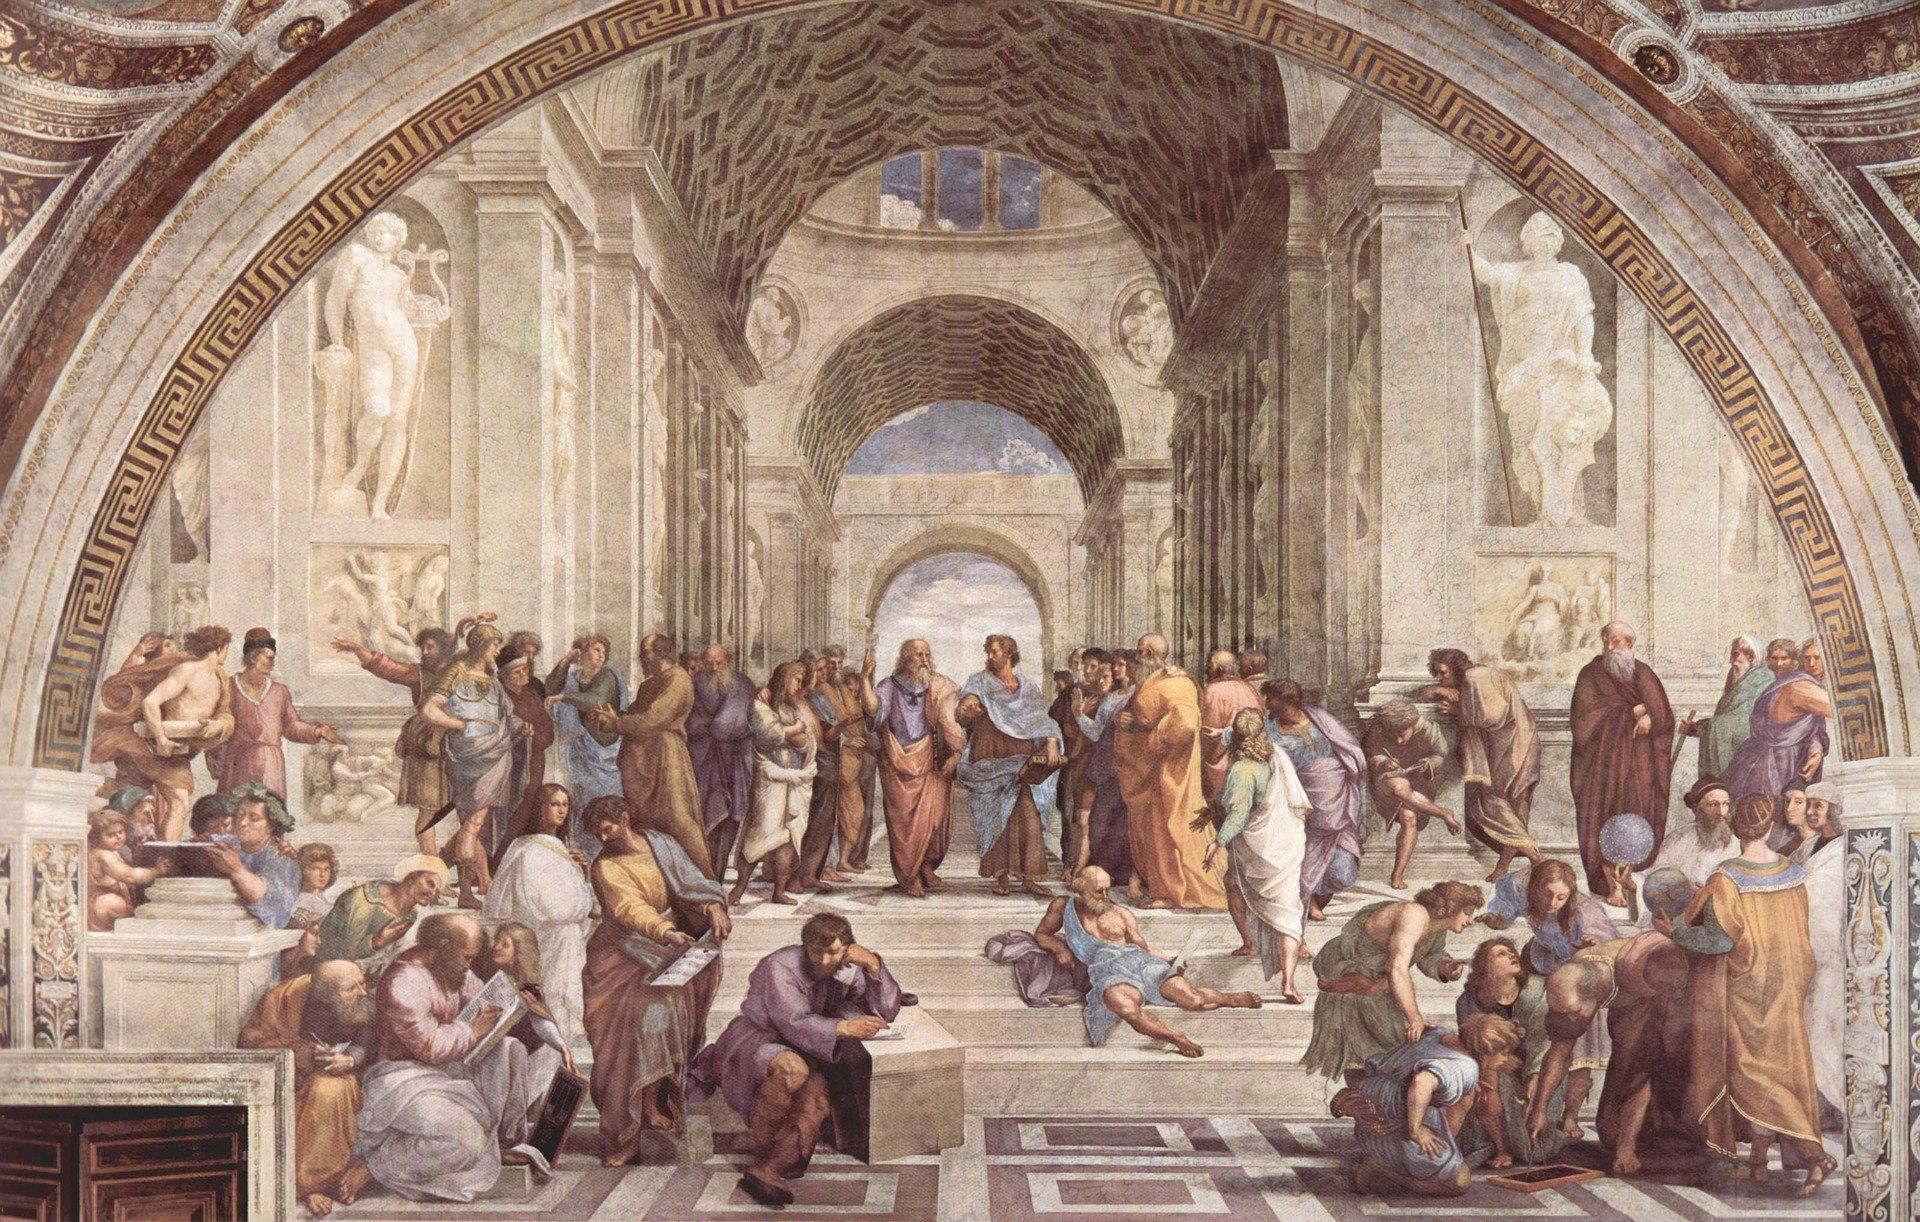 Tour-Museos-Vaticanos-y-Capilla-Sixtina-5